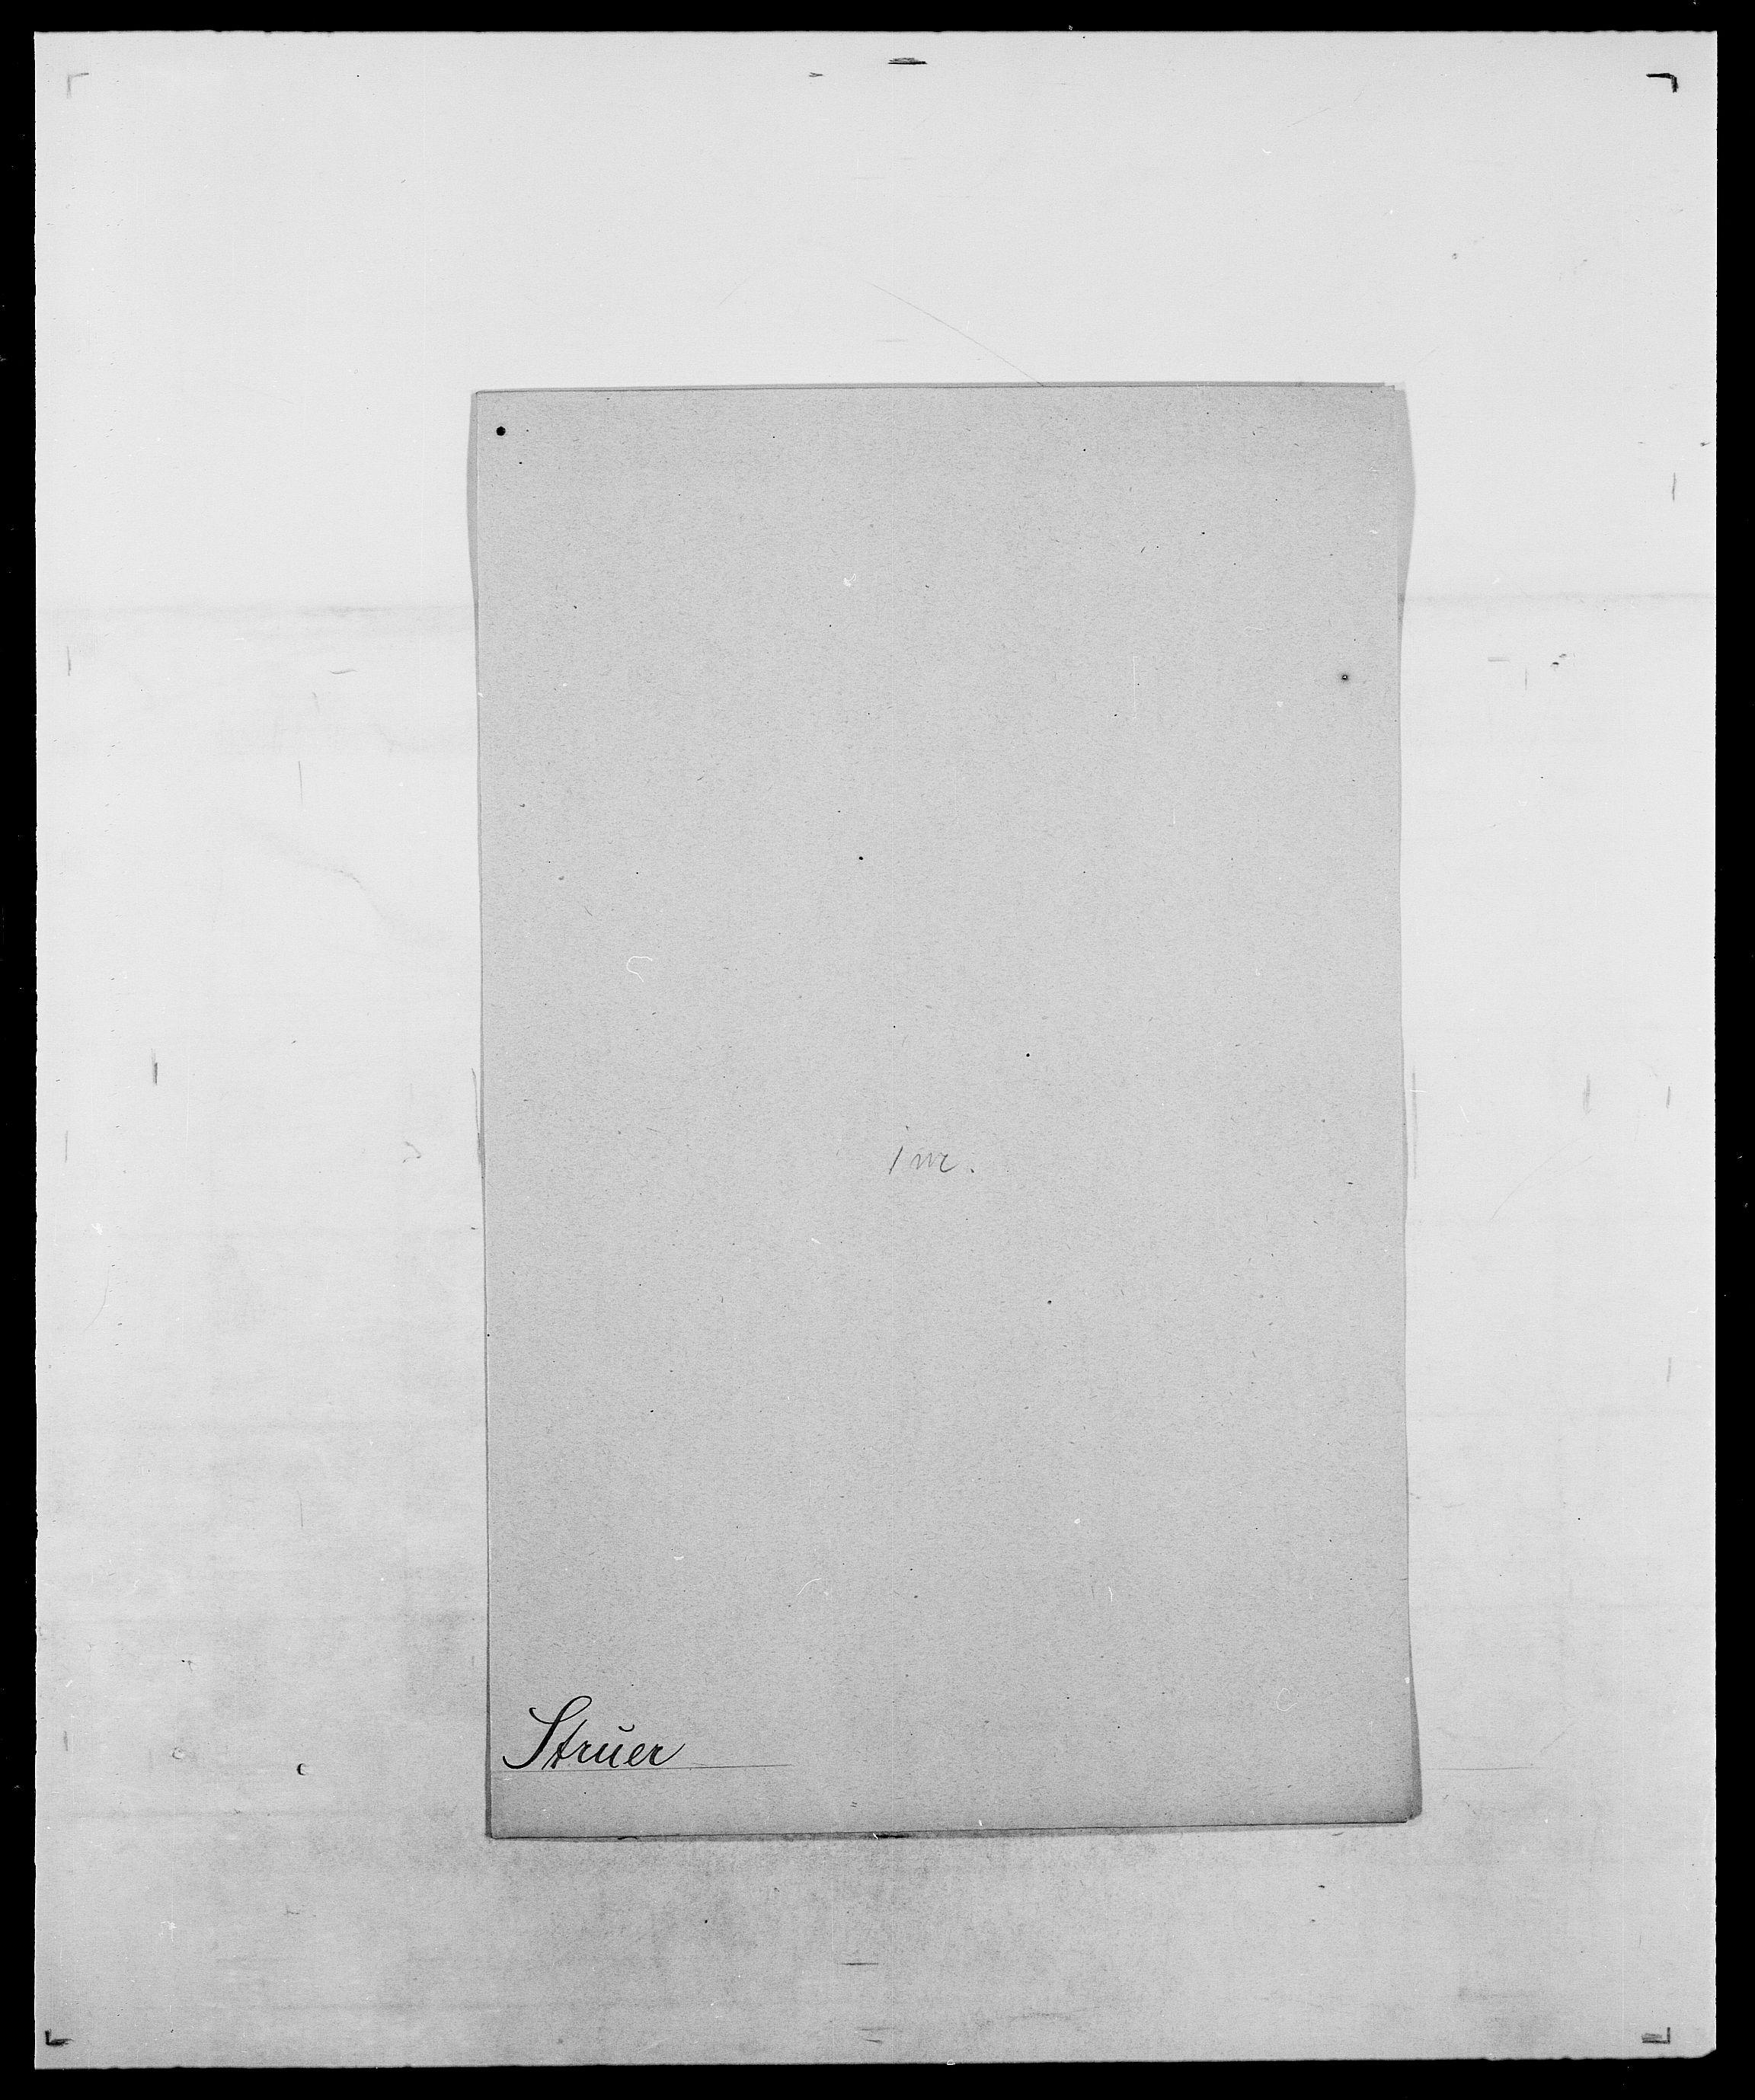 SAO, Delgobe, Charles Antoine - samling, D/Da/L0037: Steen, Sthen, Stein - Svare, Svanige, Svanne, se også Svanning og Schwane, s. 620